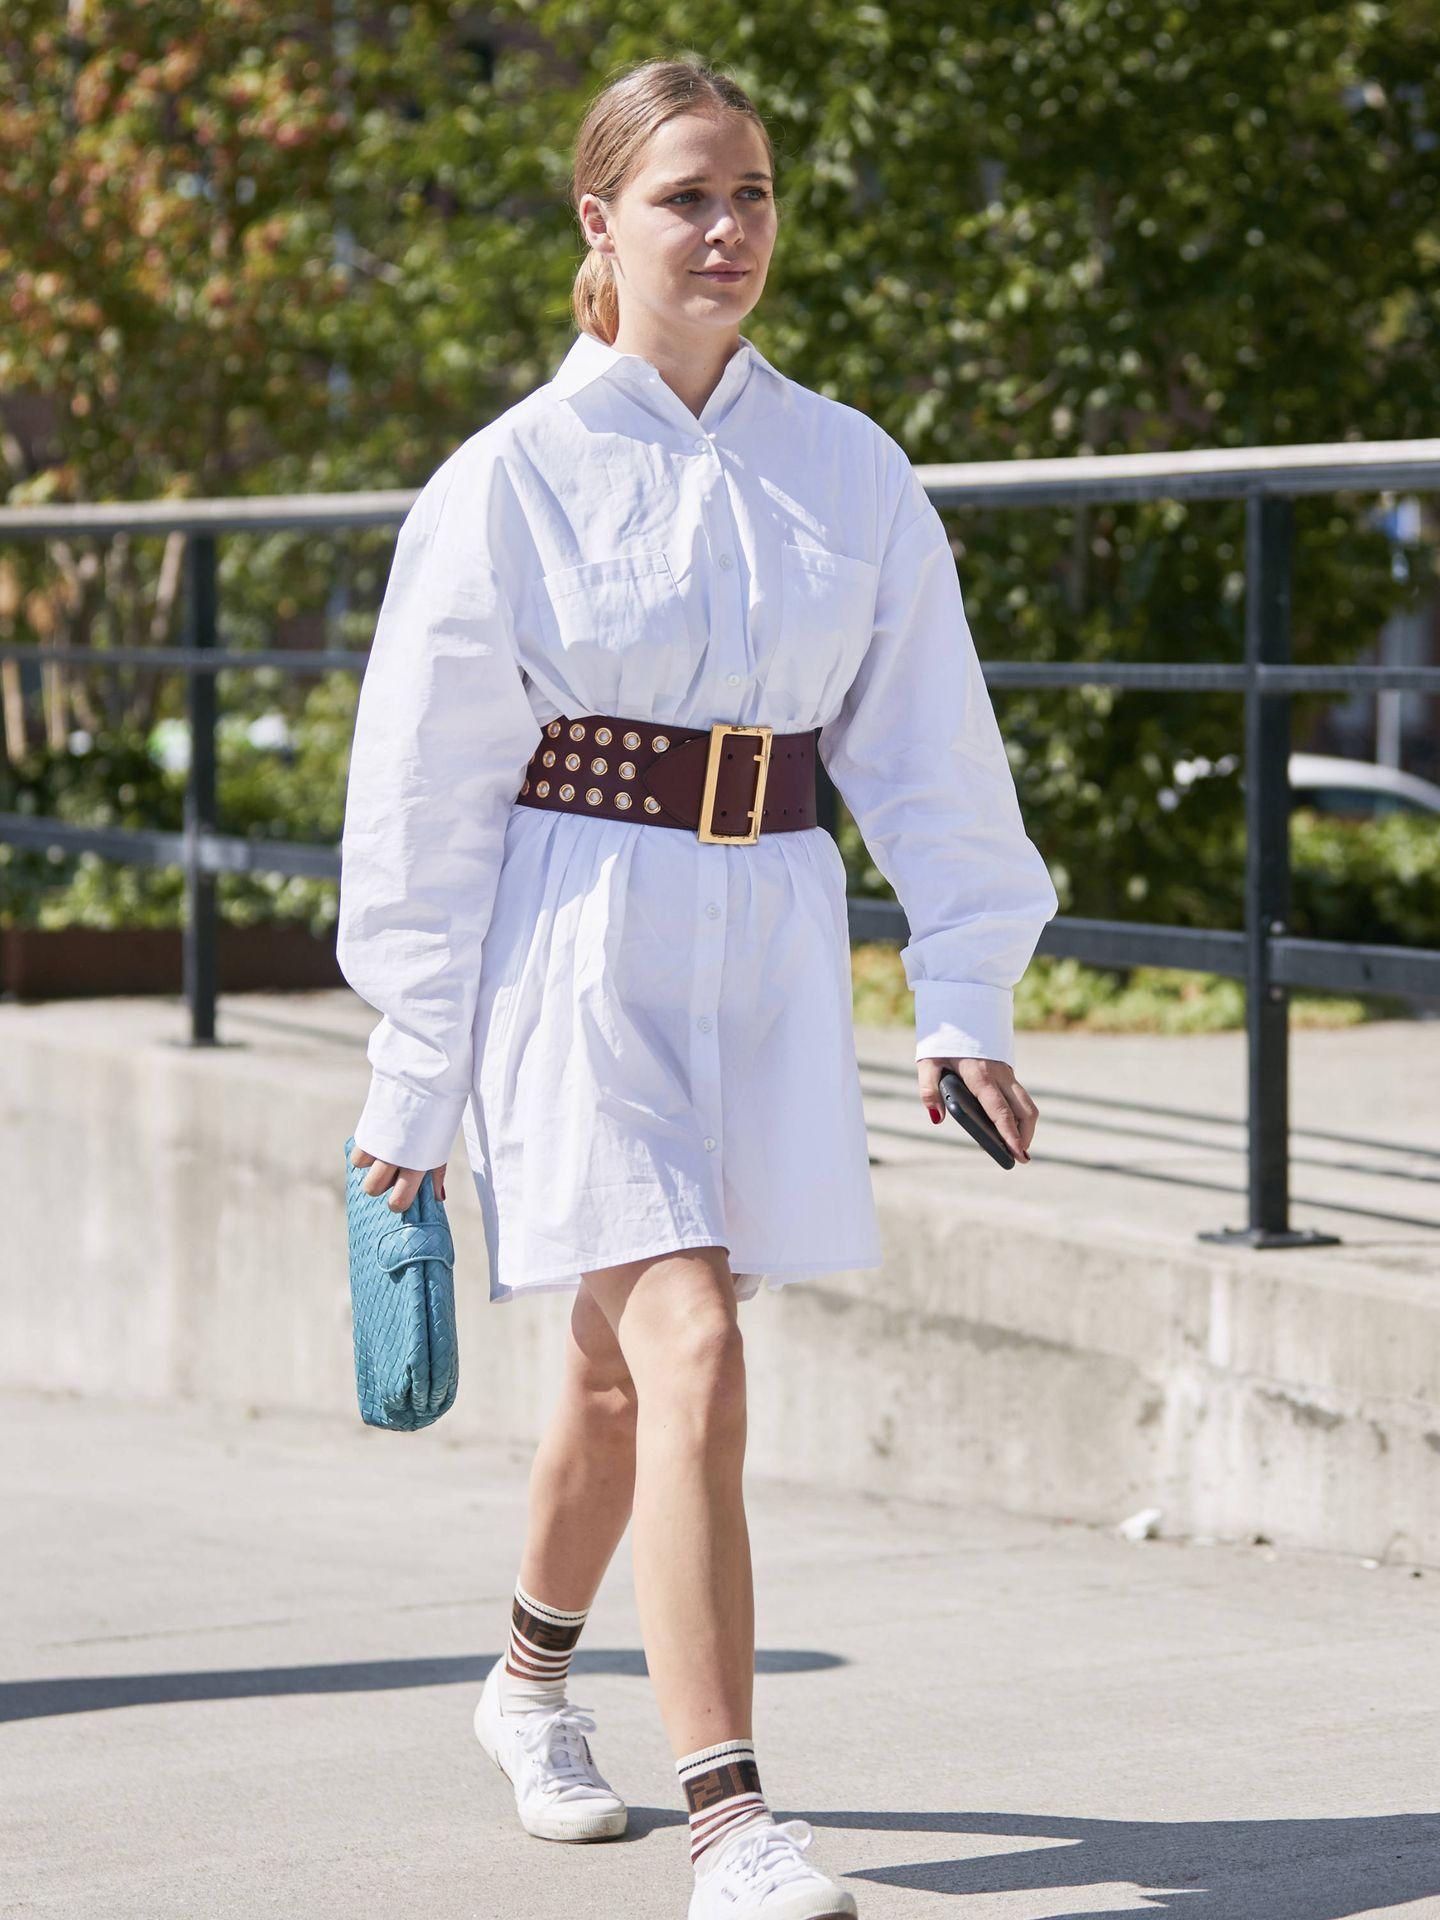 Otro look con vestido y zapatillas. (Imaxtree)